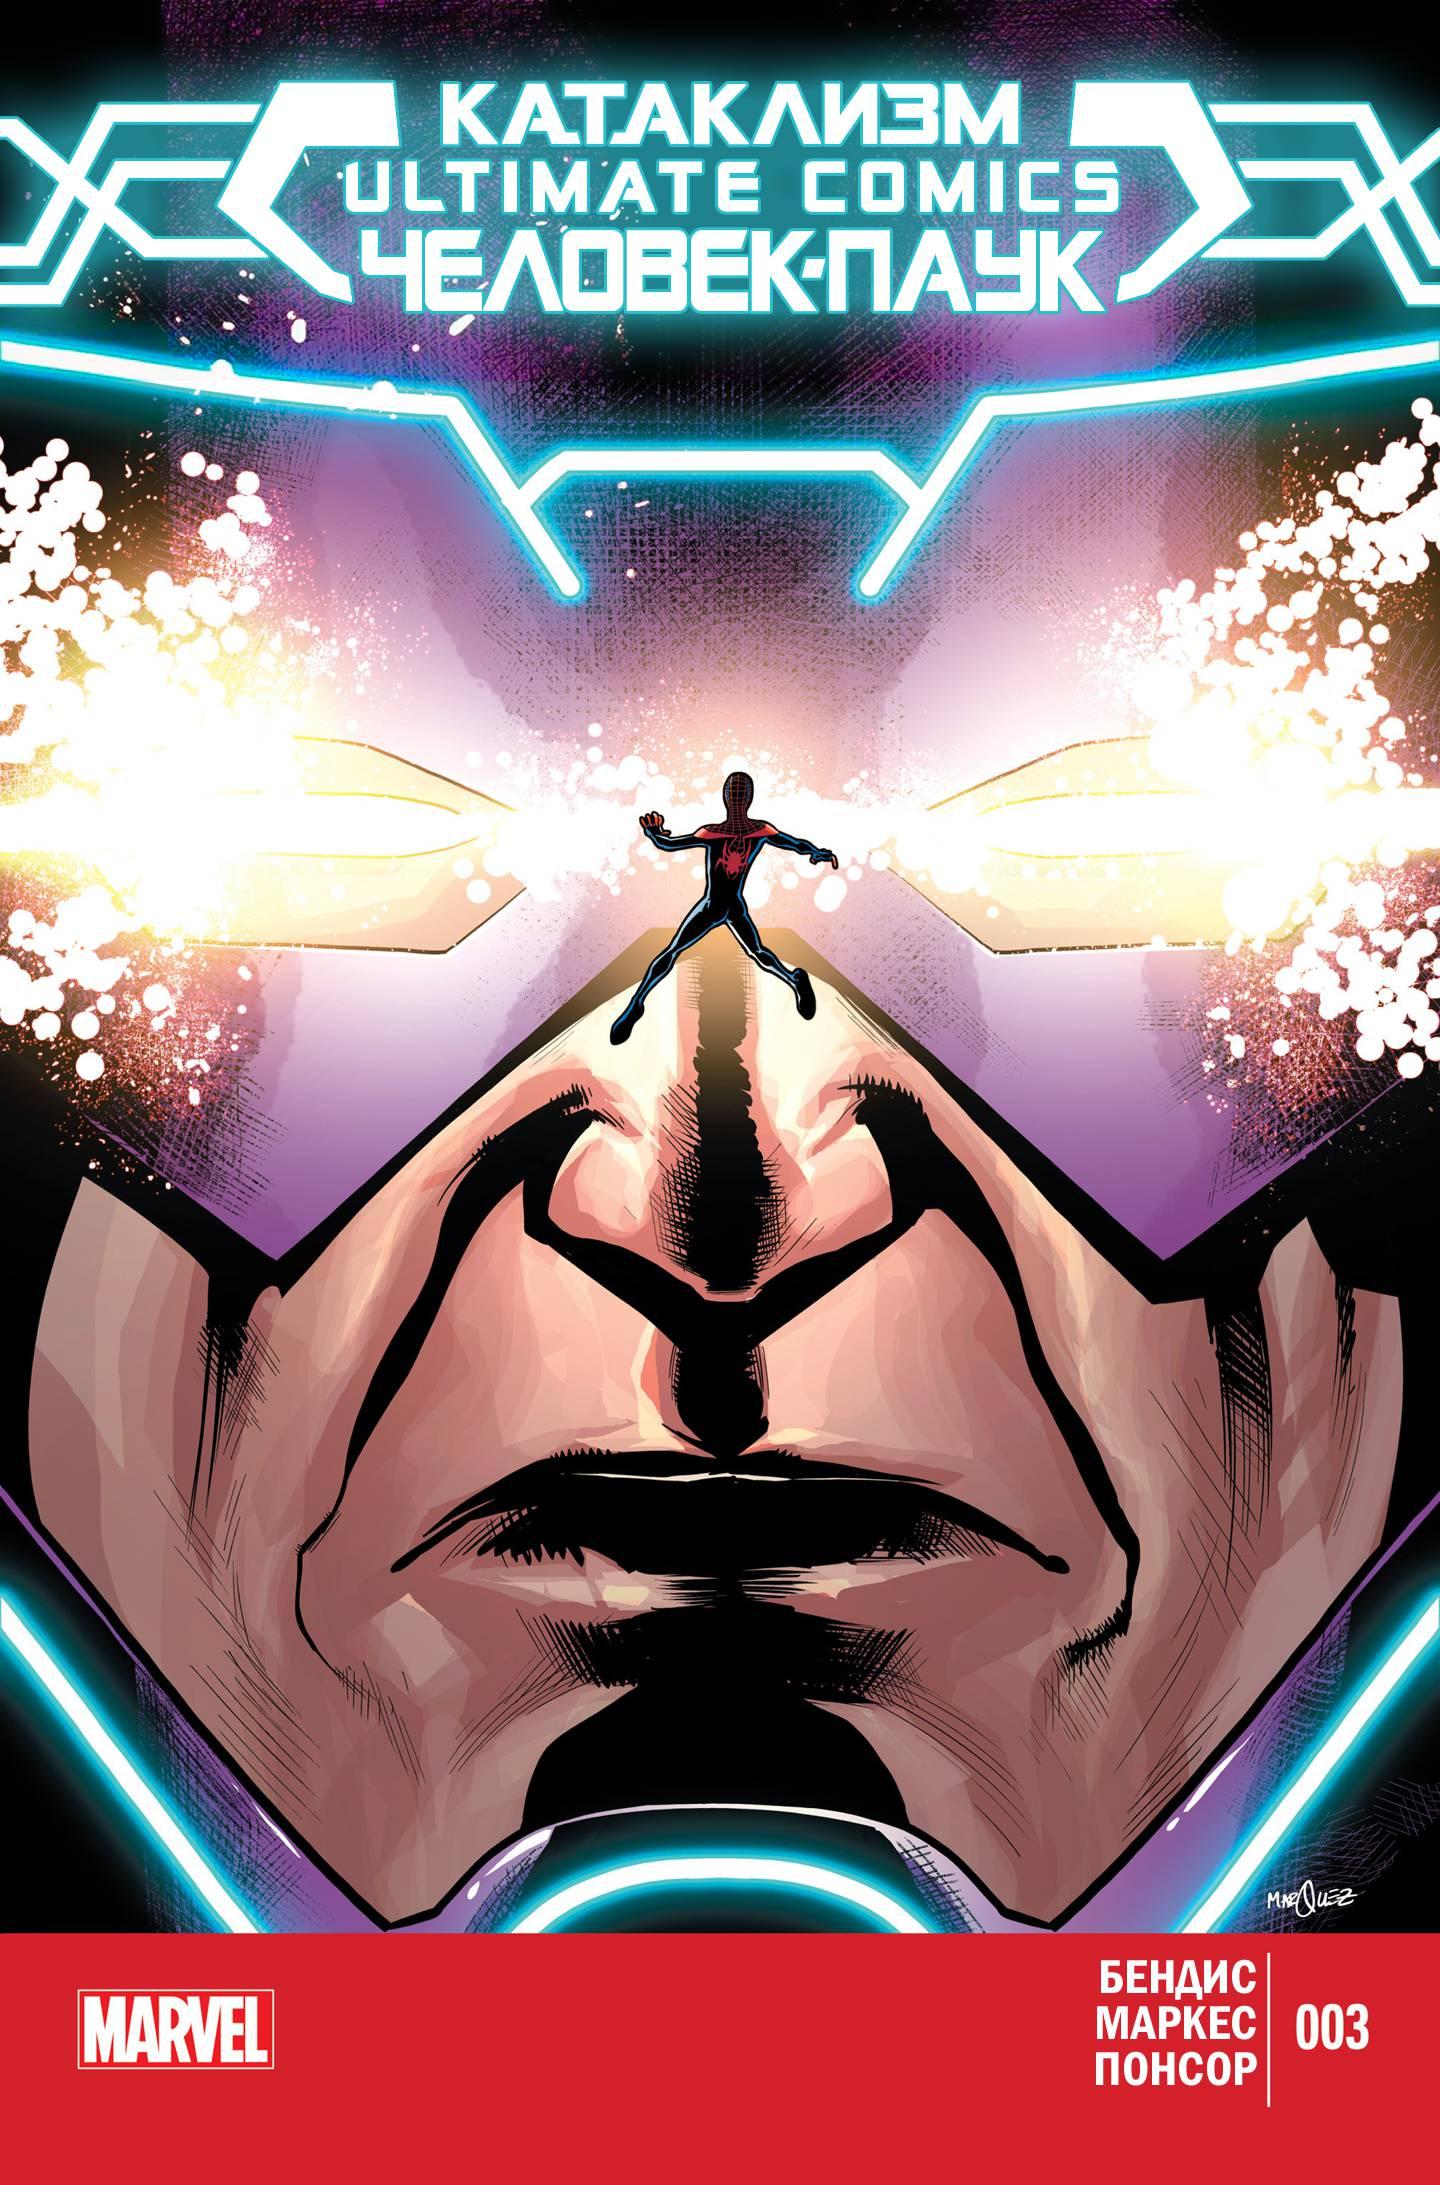 Катаклизм: Алтимейт Человек-Паук №3 онлайн